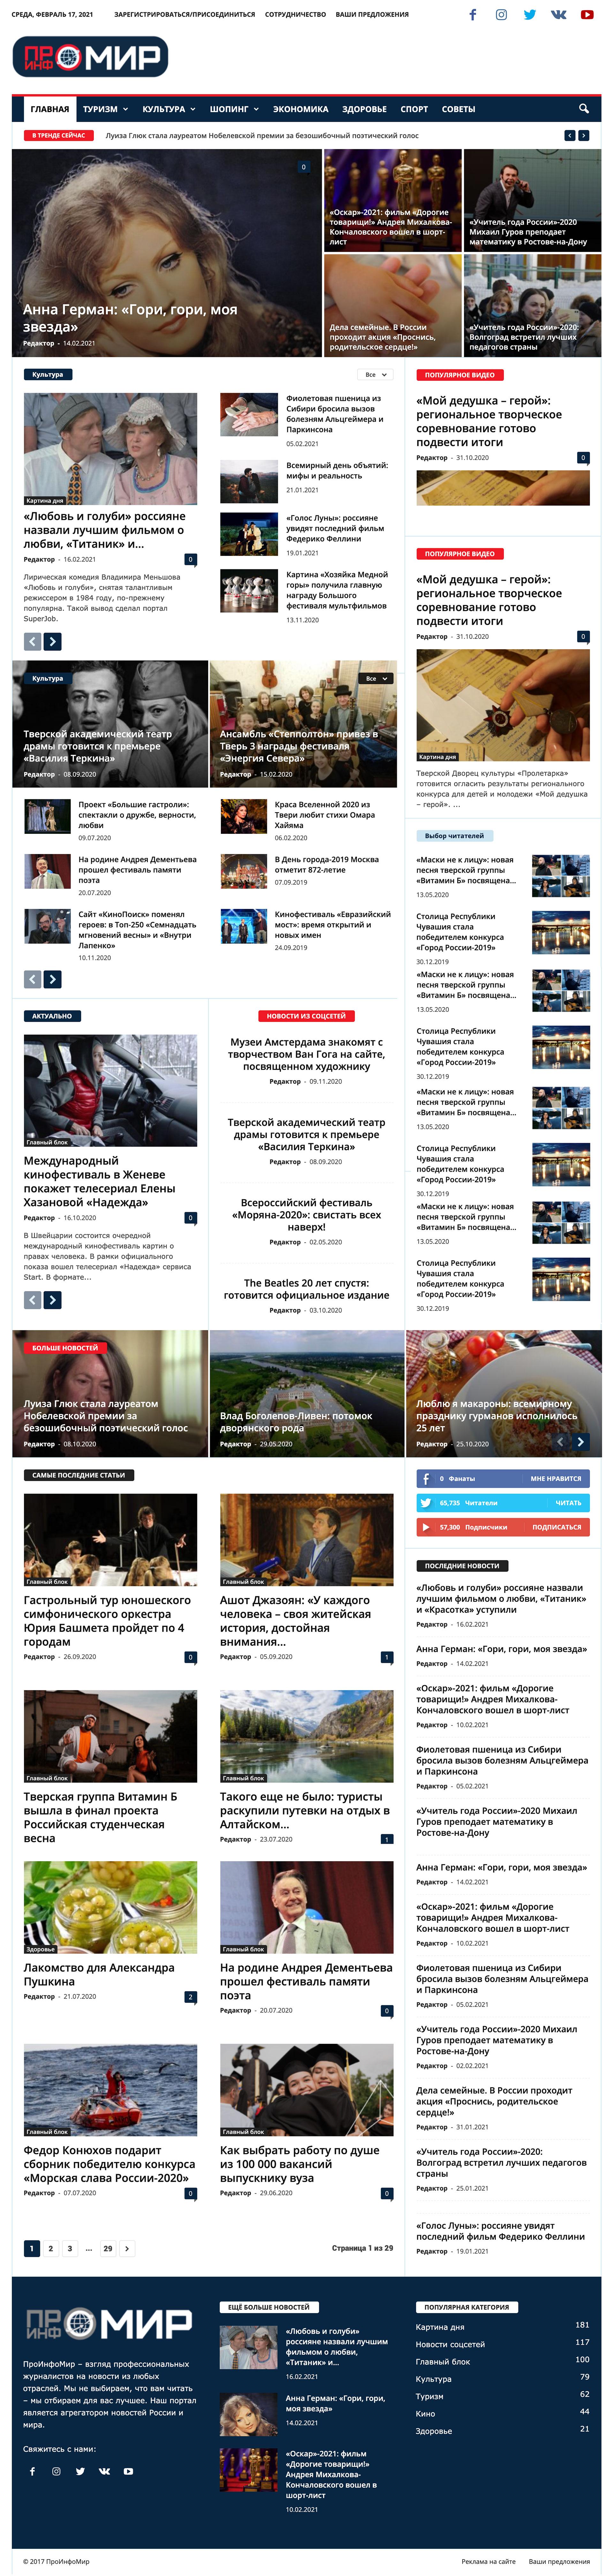 https://danilin.biz/wp-content/uploads/2021/02/proinfomir-website-screenshot.jpg